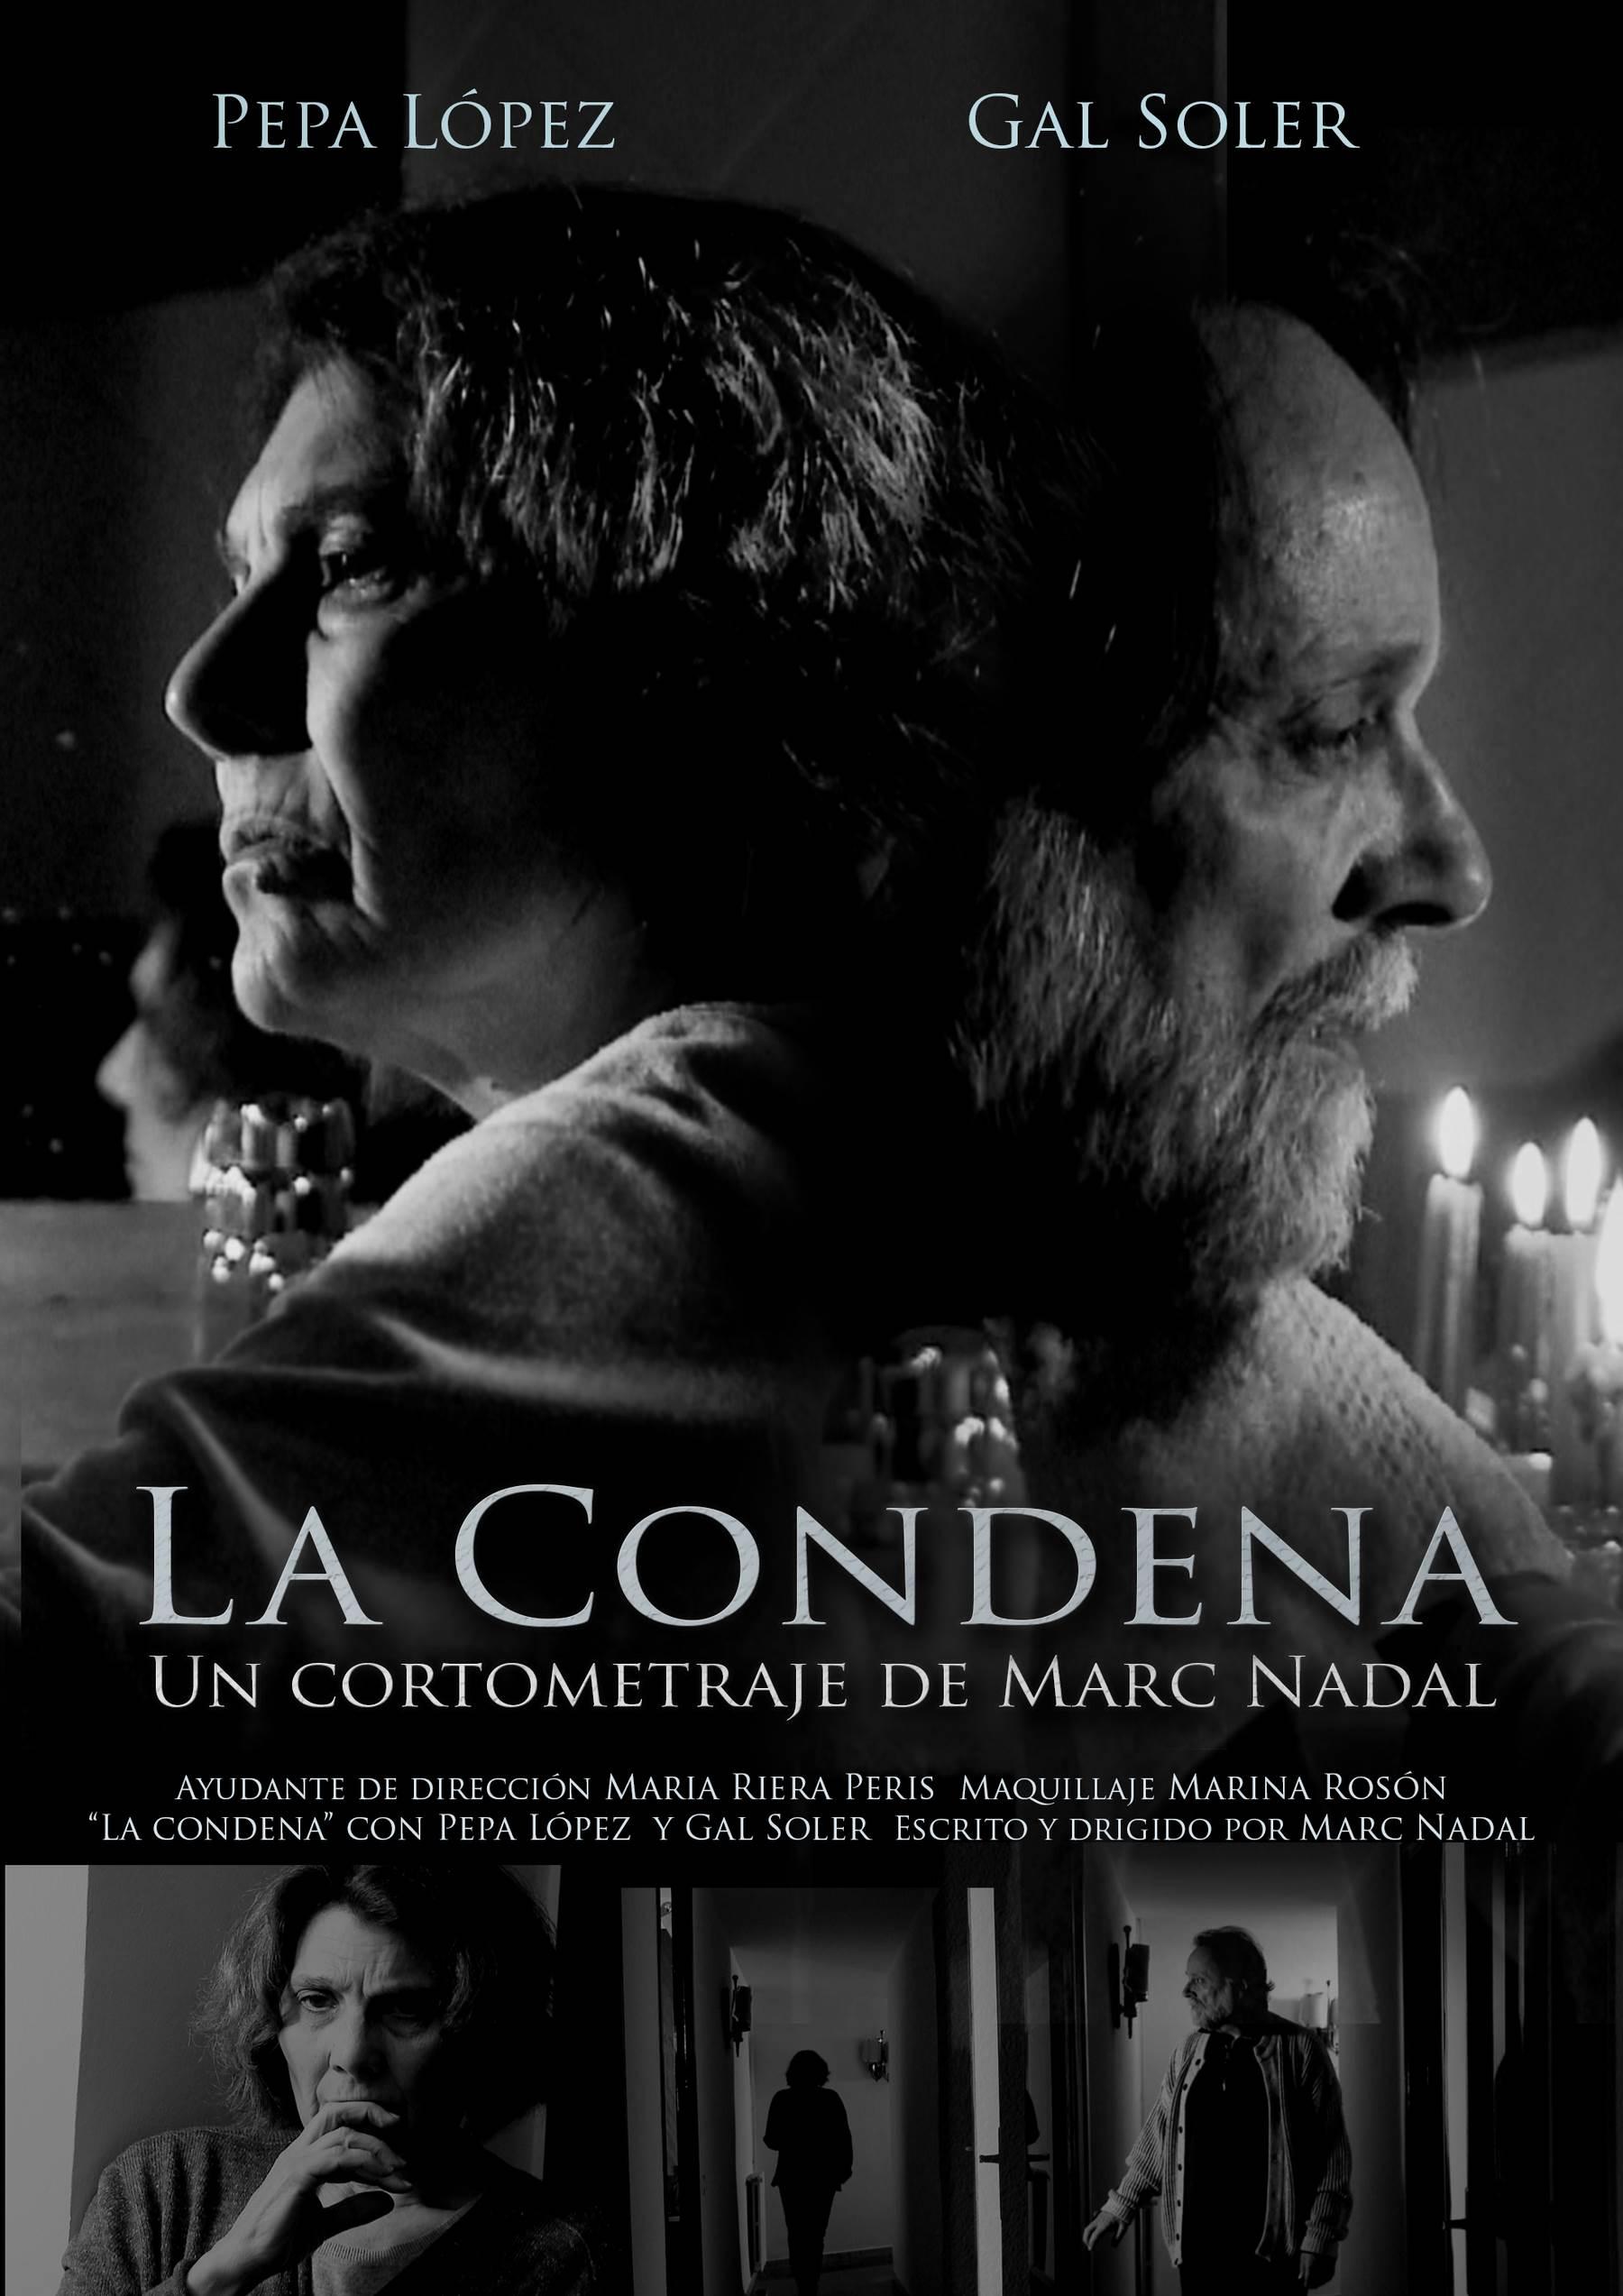 La Condena cortometraje de Marc Nadal